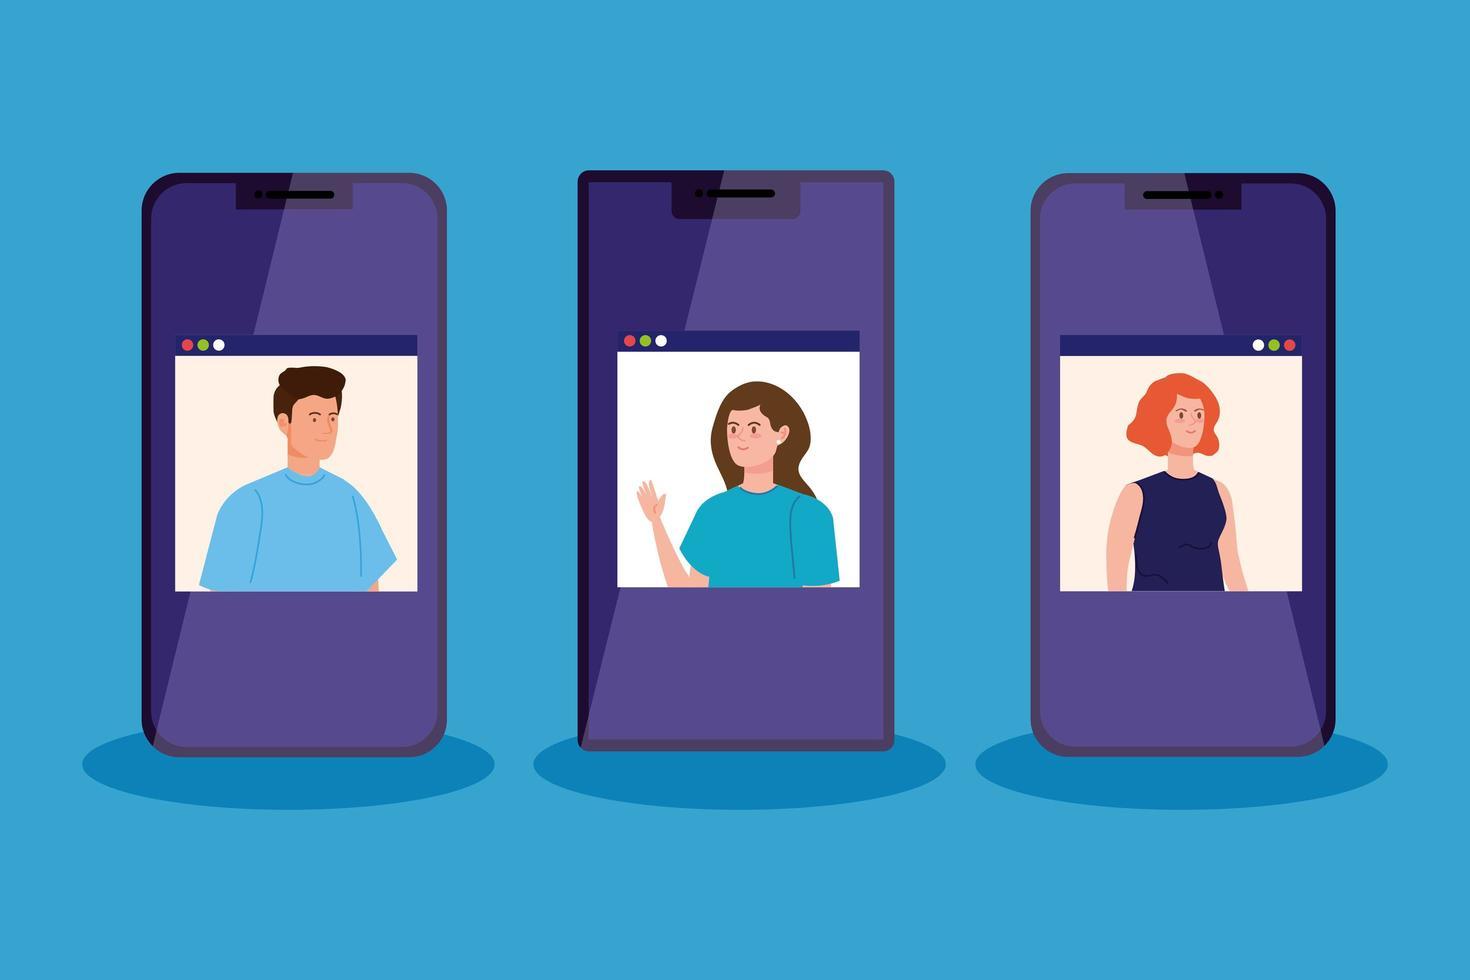 mensen in een videoconferentie via smartphone vector